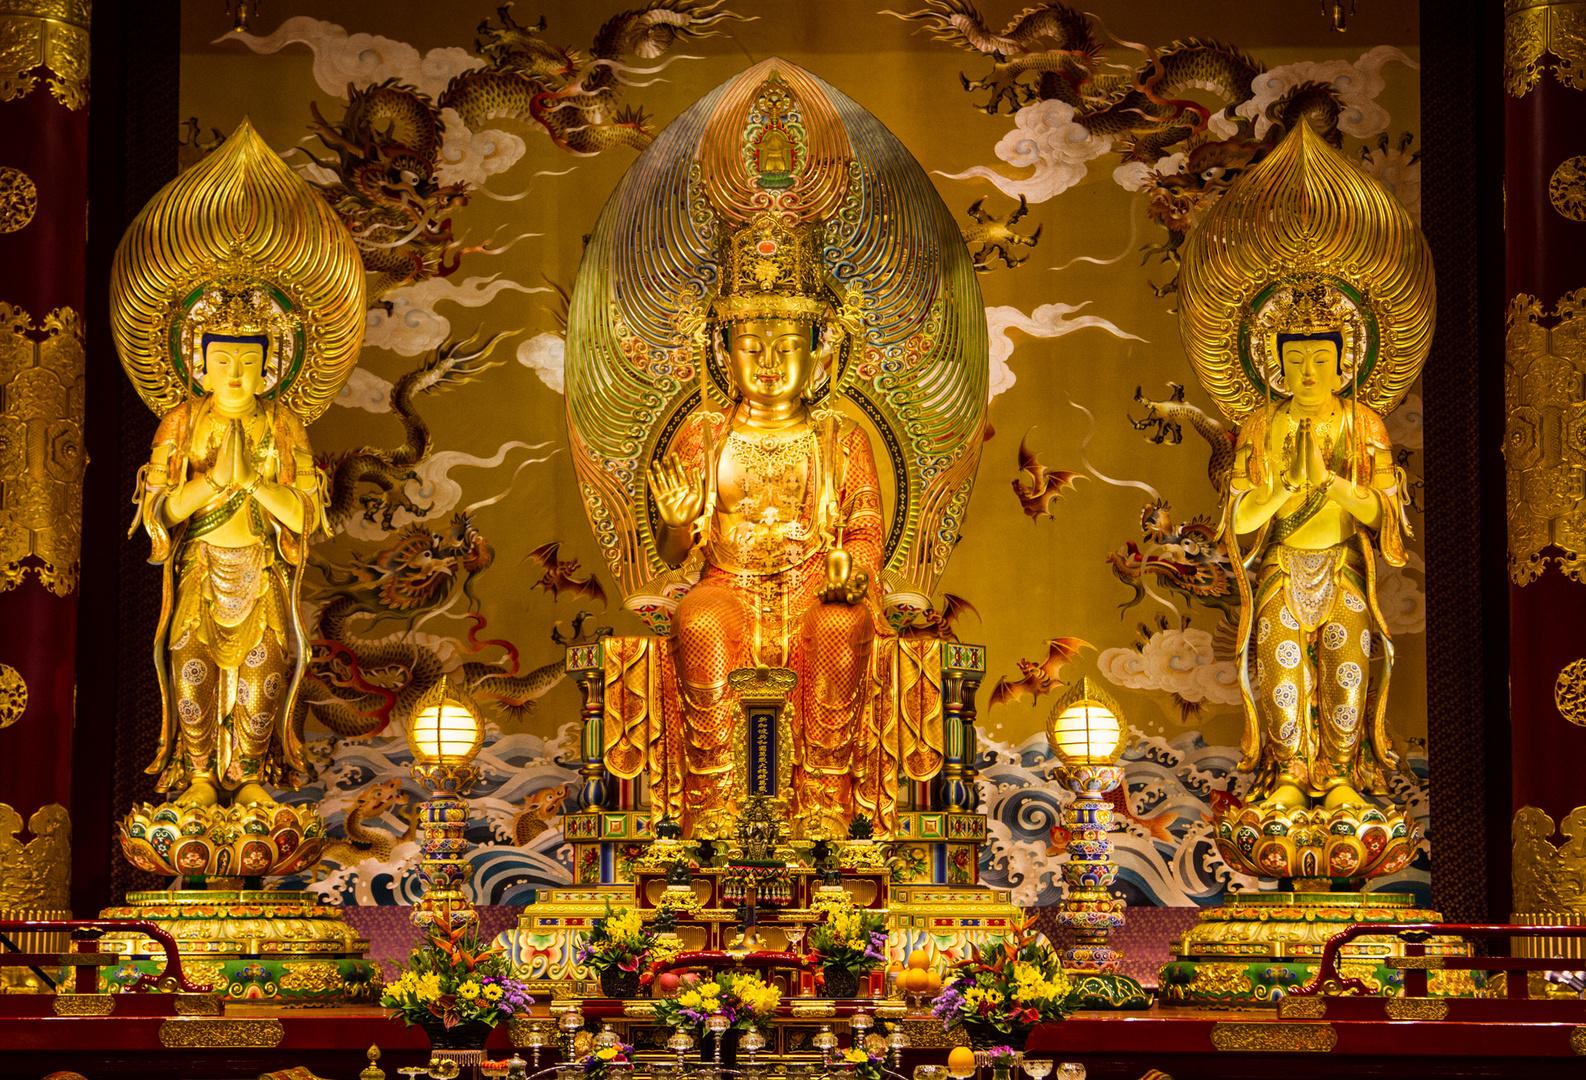 Bali 2013 - 02